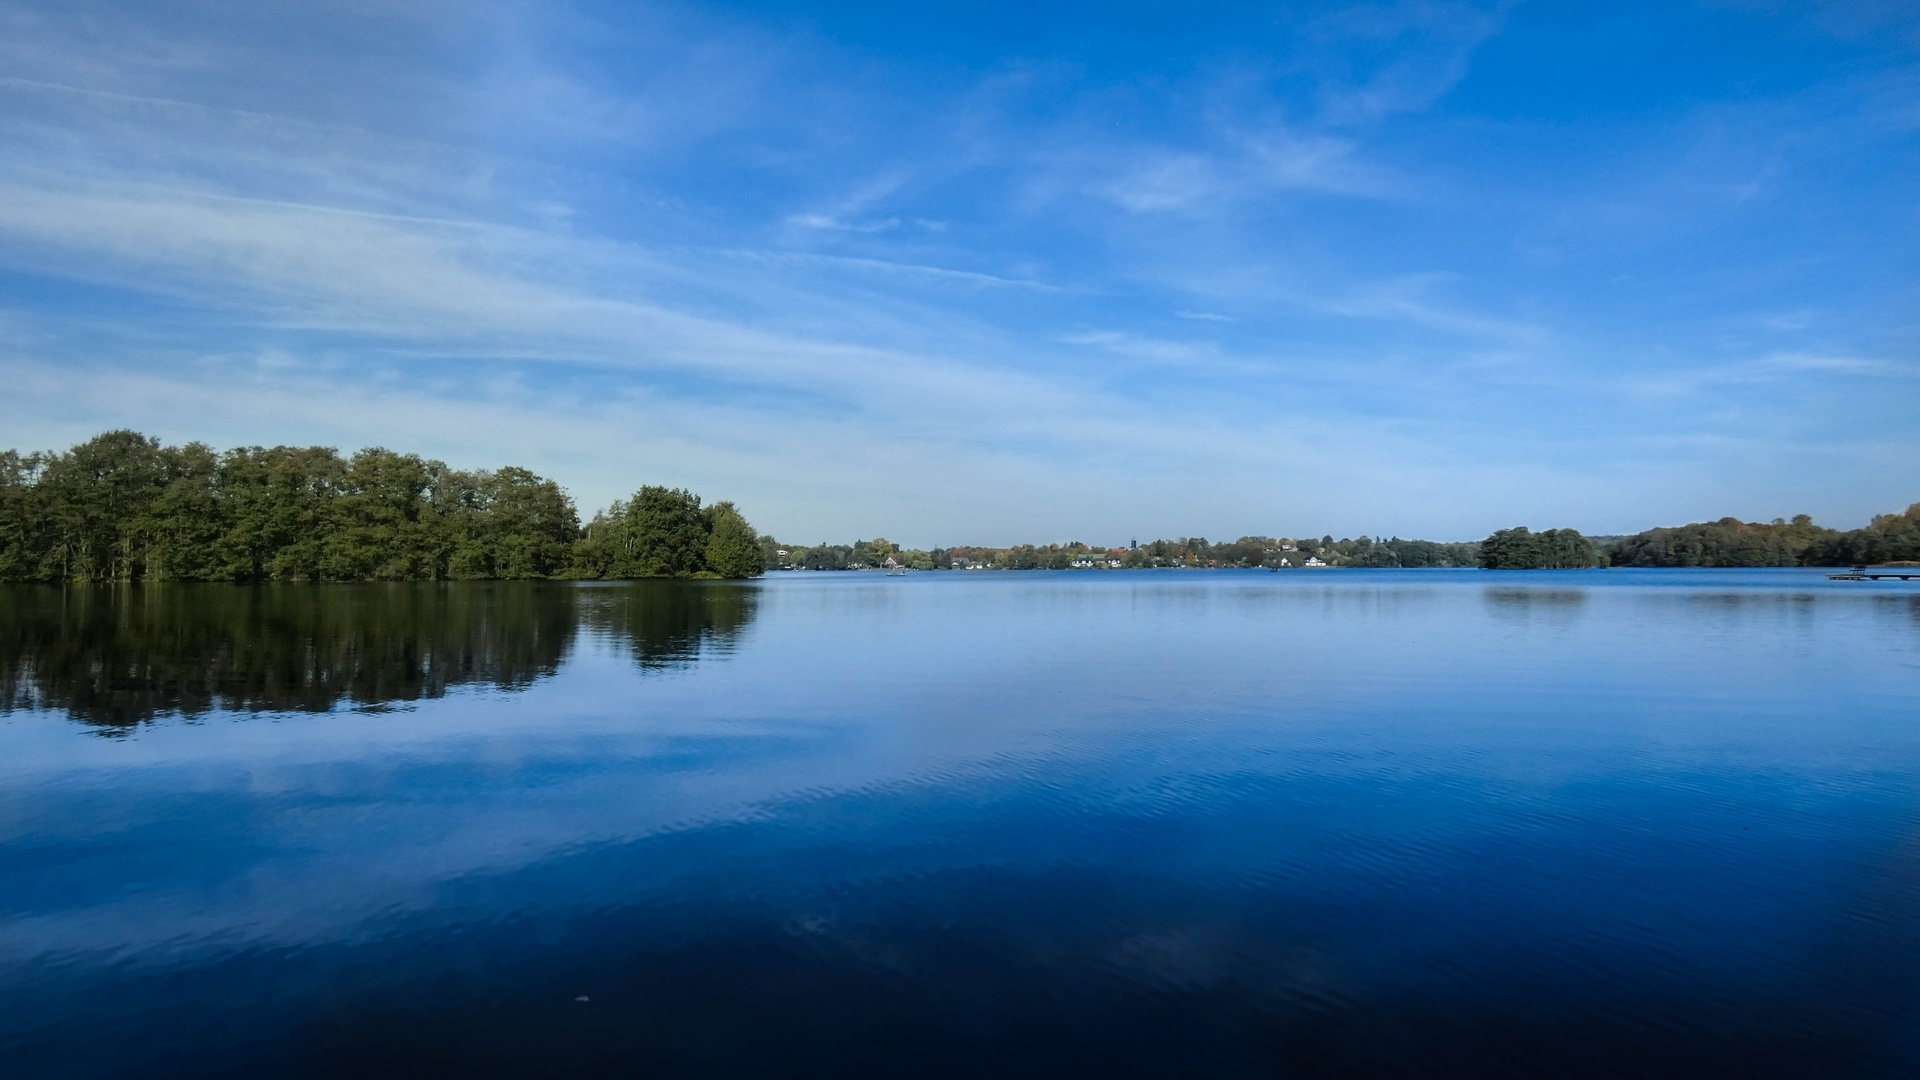 небо, озеро, деревья, лето